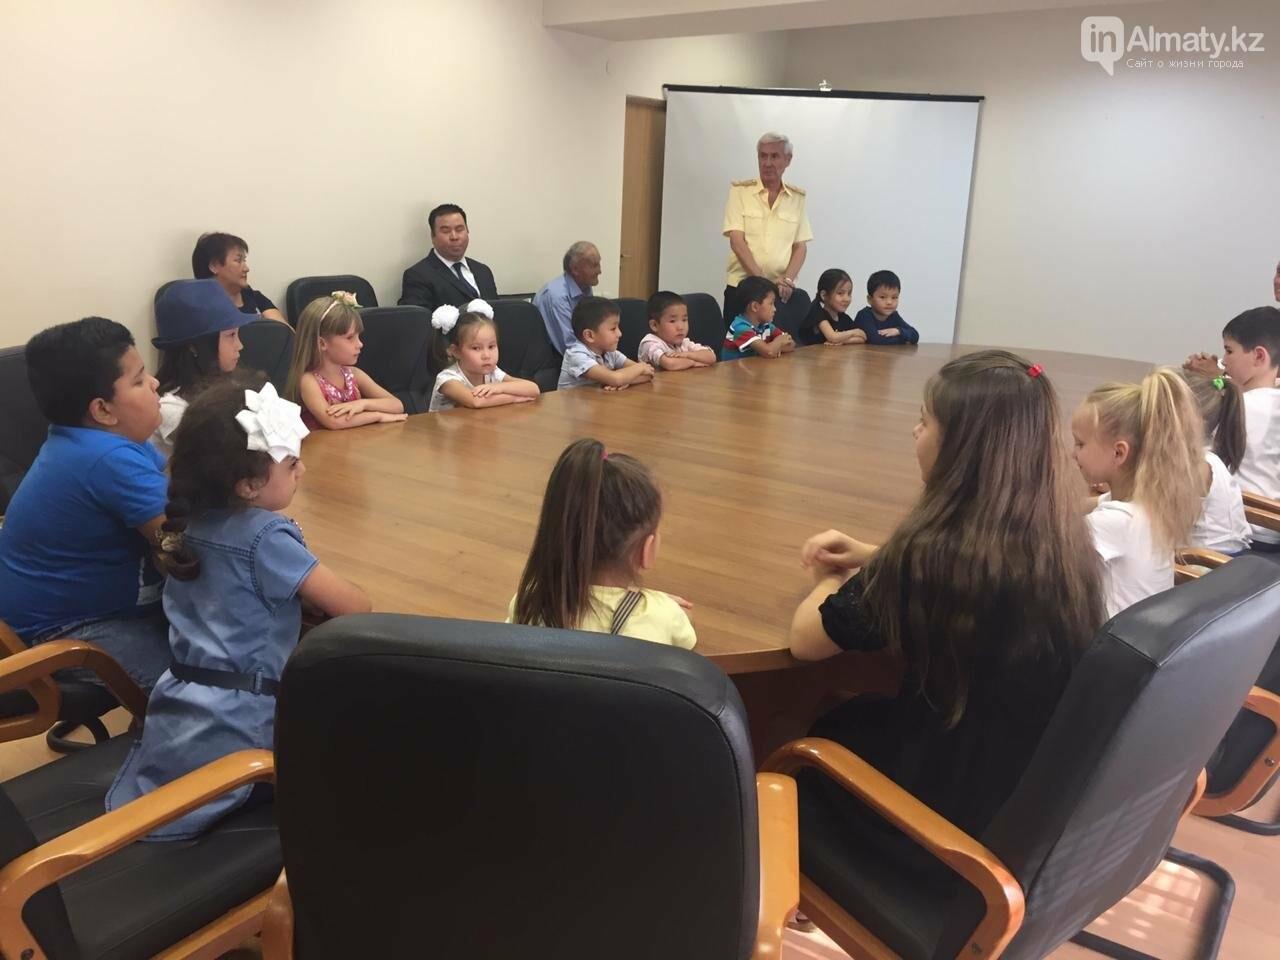 Совет Мира и Согласия РК помог 55 алматинским детям пойти в школу (фото), фото-3